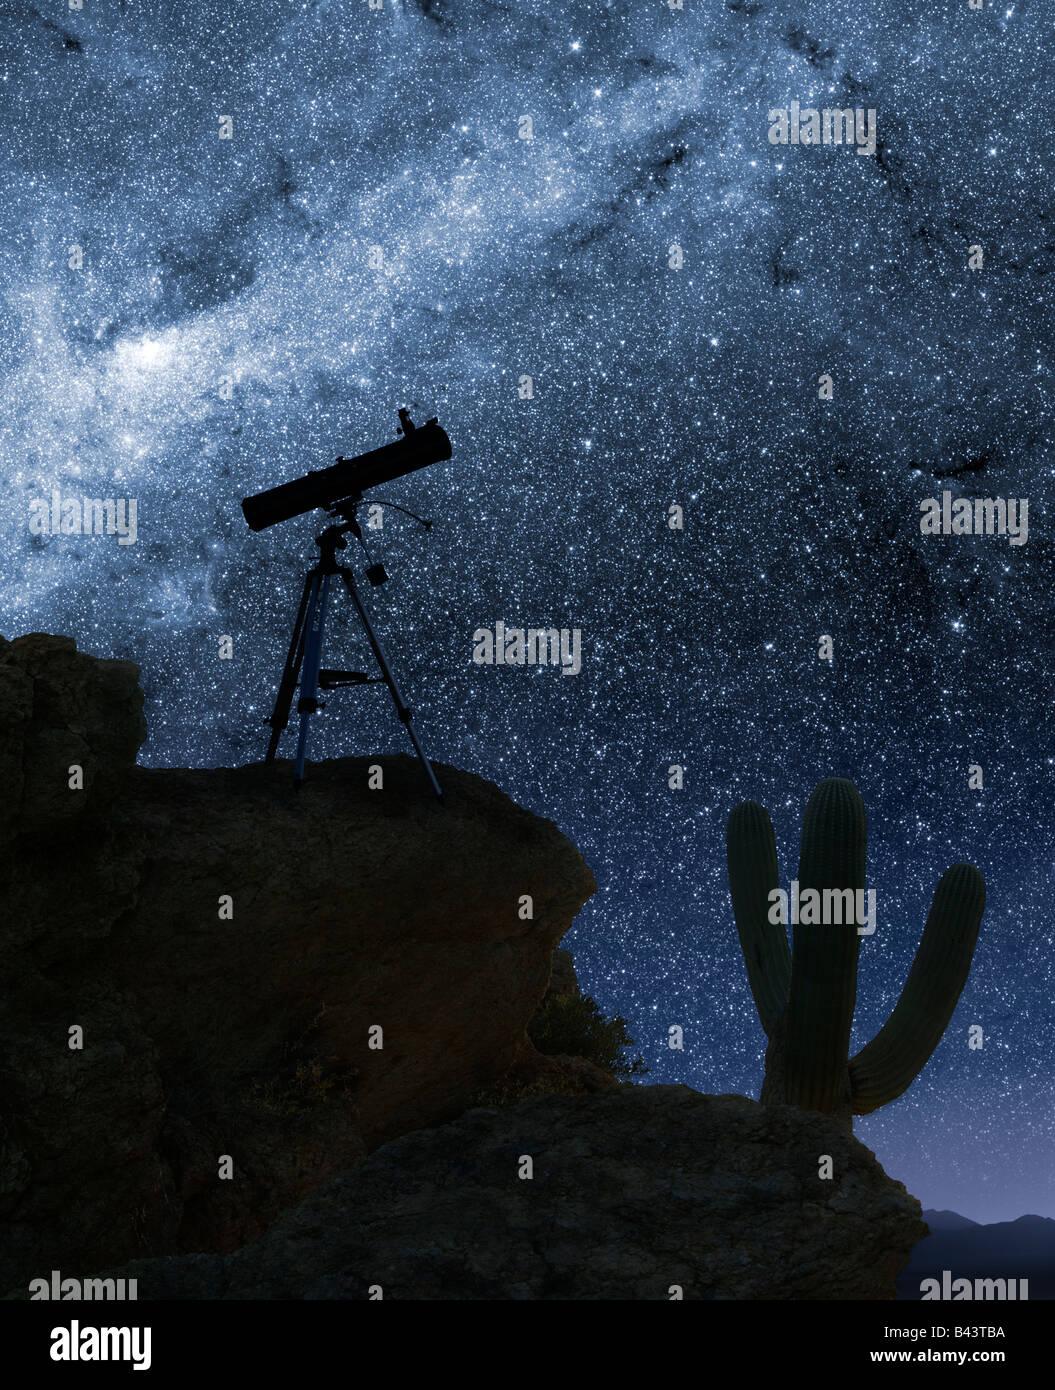 Ein Teleskop zeigte die Sterne von einer Wüste in den Bergen Stockbild